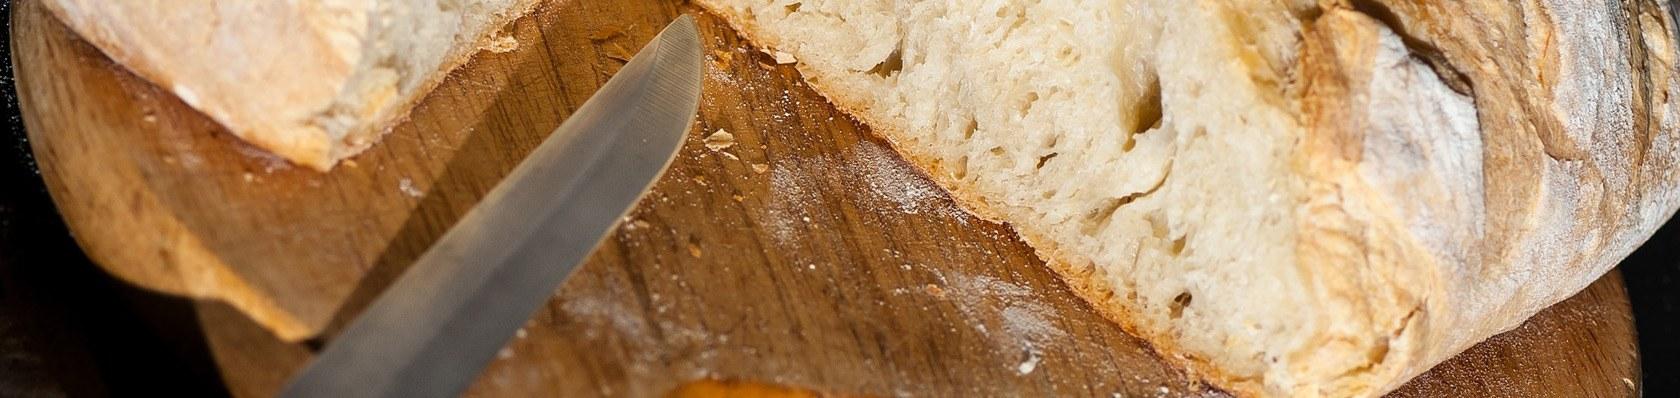 Brotmesser im Test auf ExpertenTesten.de